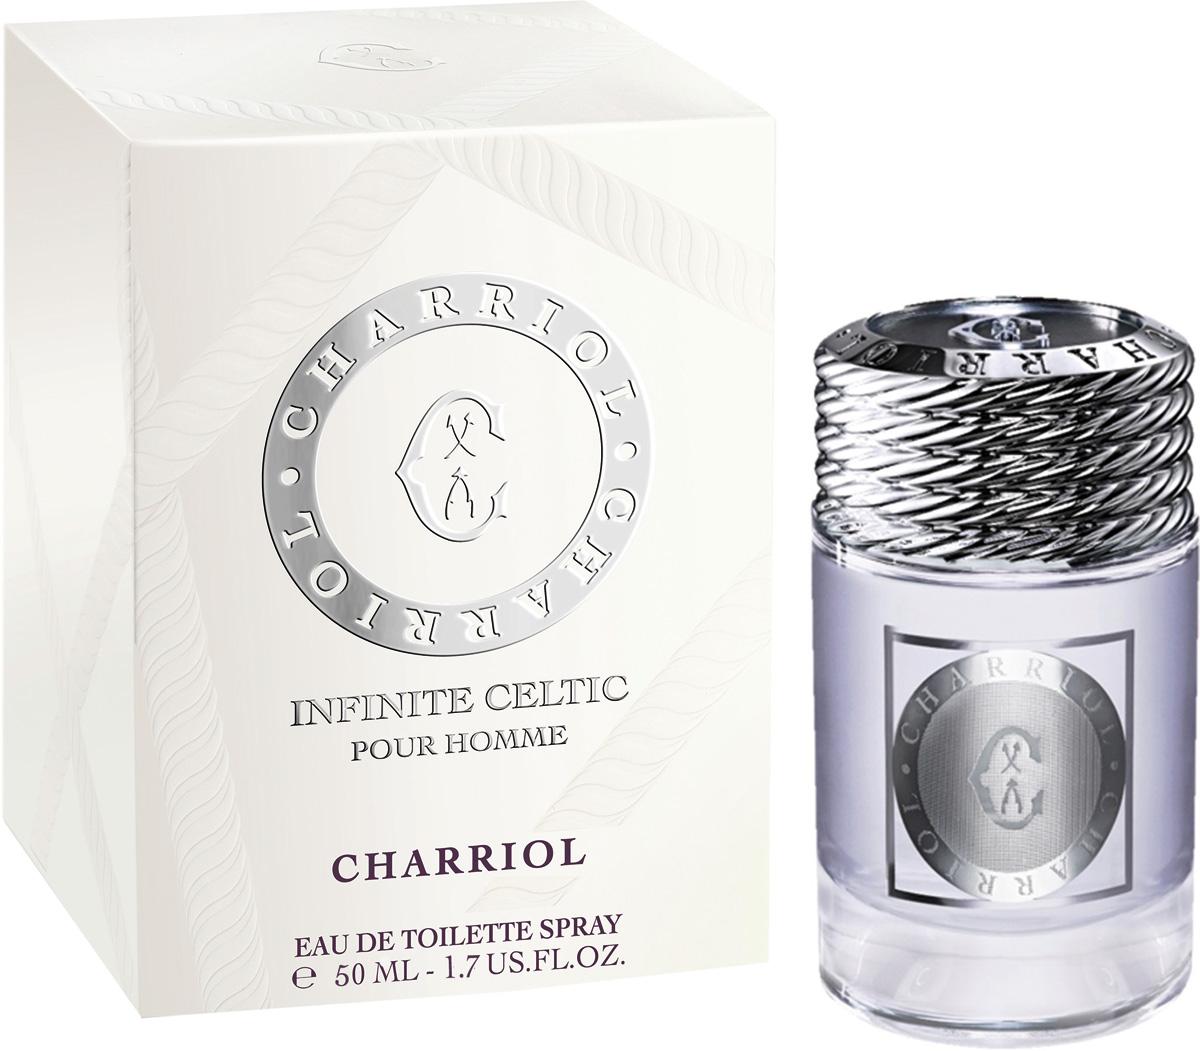 Les Parfums Charriol Infinite Celtic Pour Homme Туалетная вода женская, спрей, 50 мл718002Кельтская цивилизация, которая подарила человечеству знаменитое украшение Торквес – центральную концепцию бренда, послужила вдохновением для создания INFINITE CELTIC POUR HOMME. Рожденный внутри вселенной Charriol, новый аромат INFINITE CELTIC POUR HOMME воплощает уникальное соединение современной маскулинности в мире часовых изделий и мотива кельтских узоров. Этот аромат создан для городских, элегантных и активных мужчин, которые любят качественные и изысканные ноты, без хвастовства.